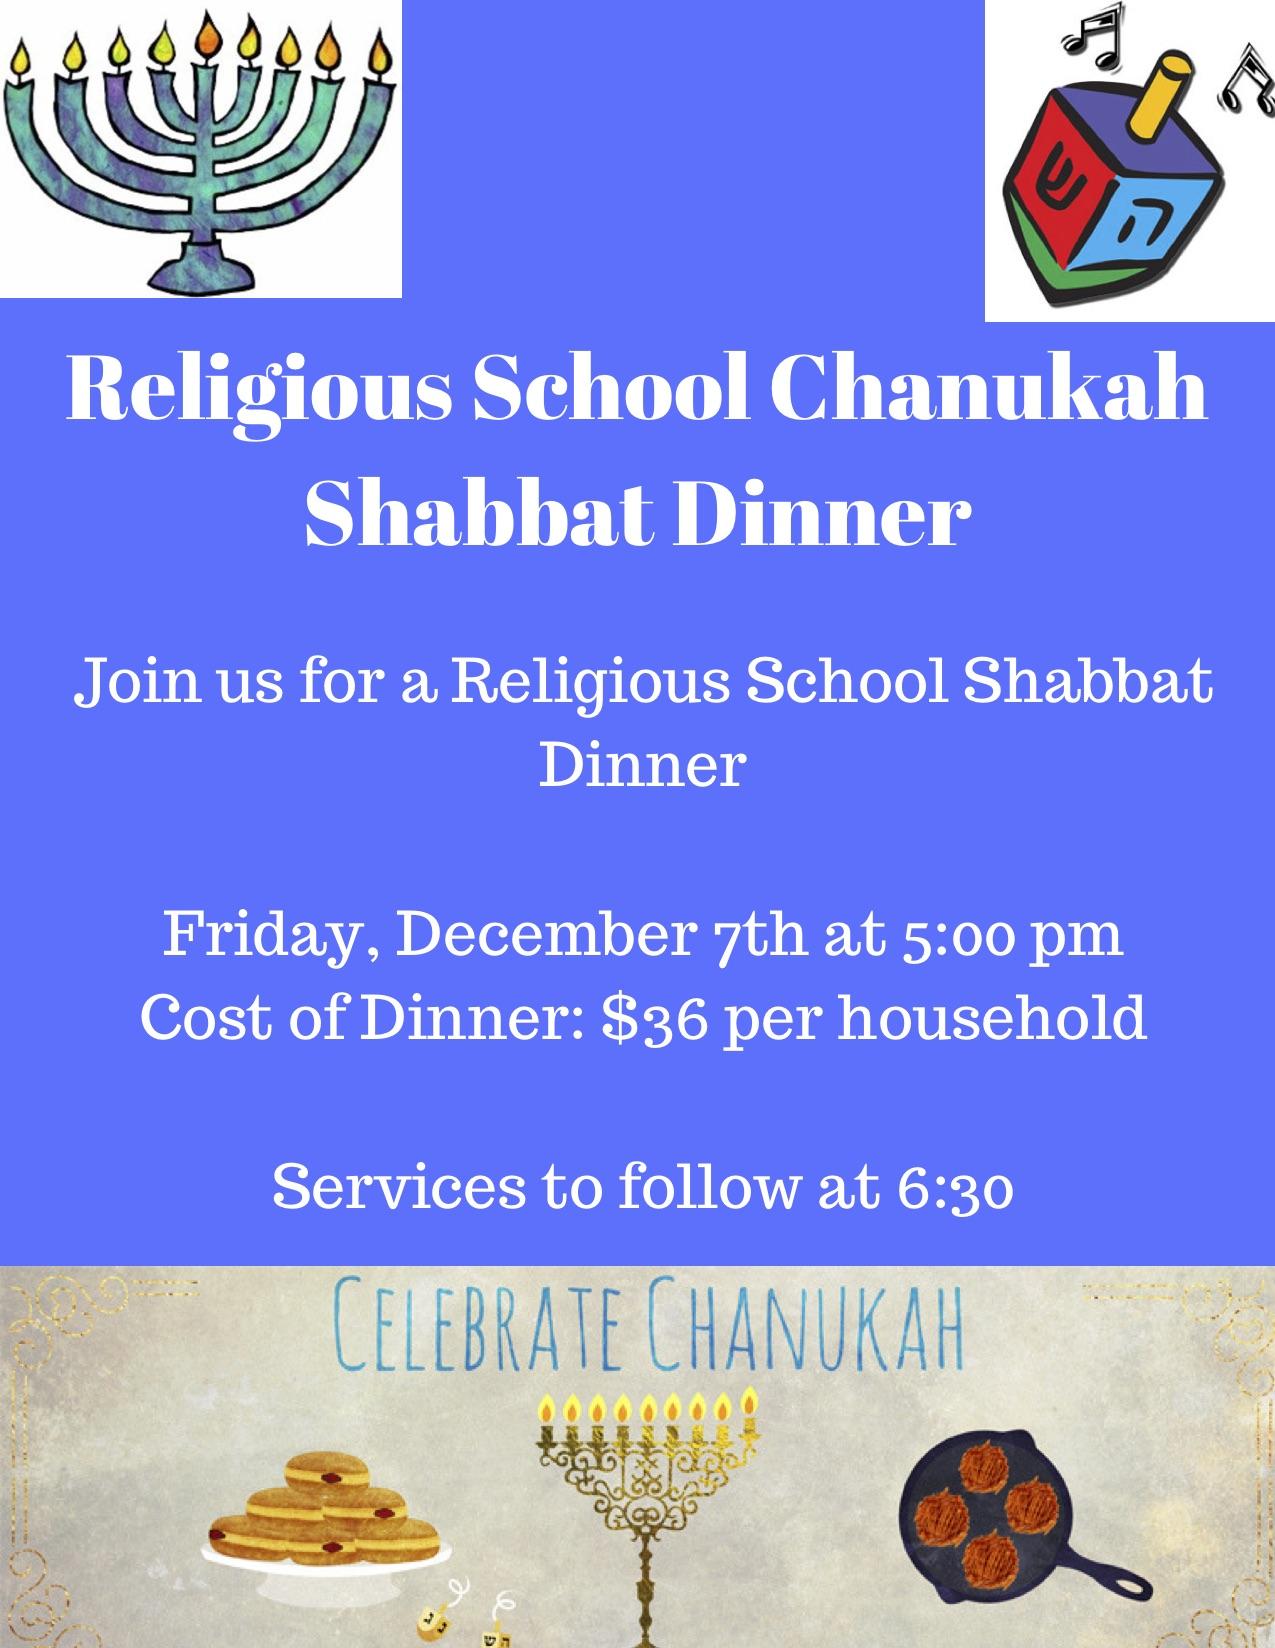 Religious School Chanukah Shabbat Dinner